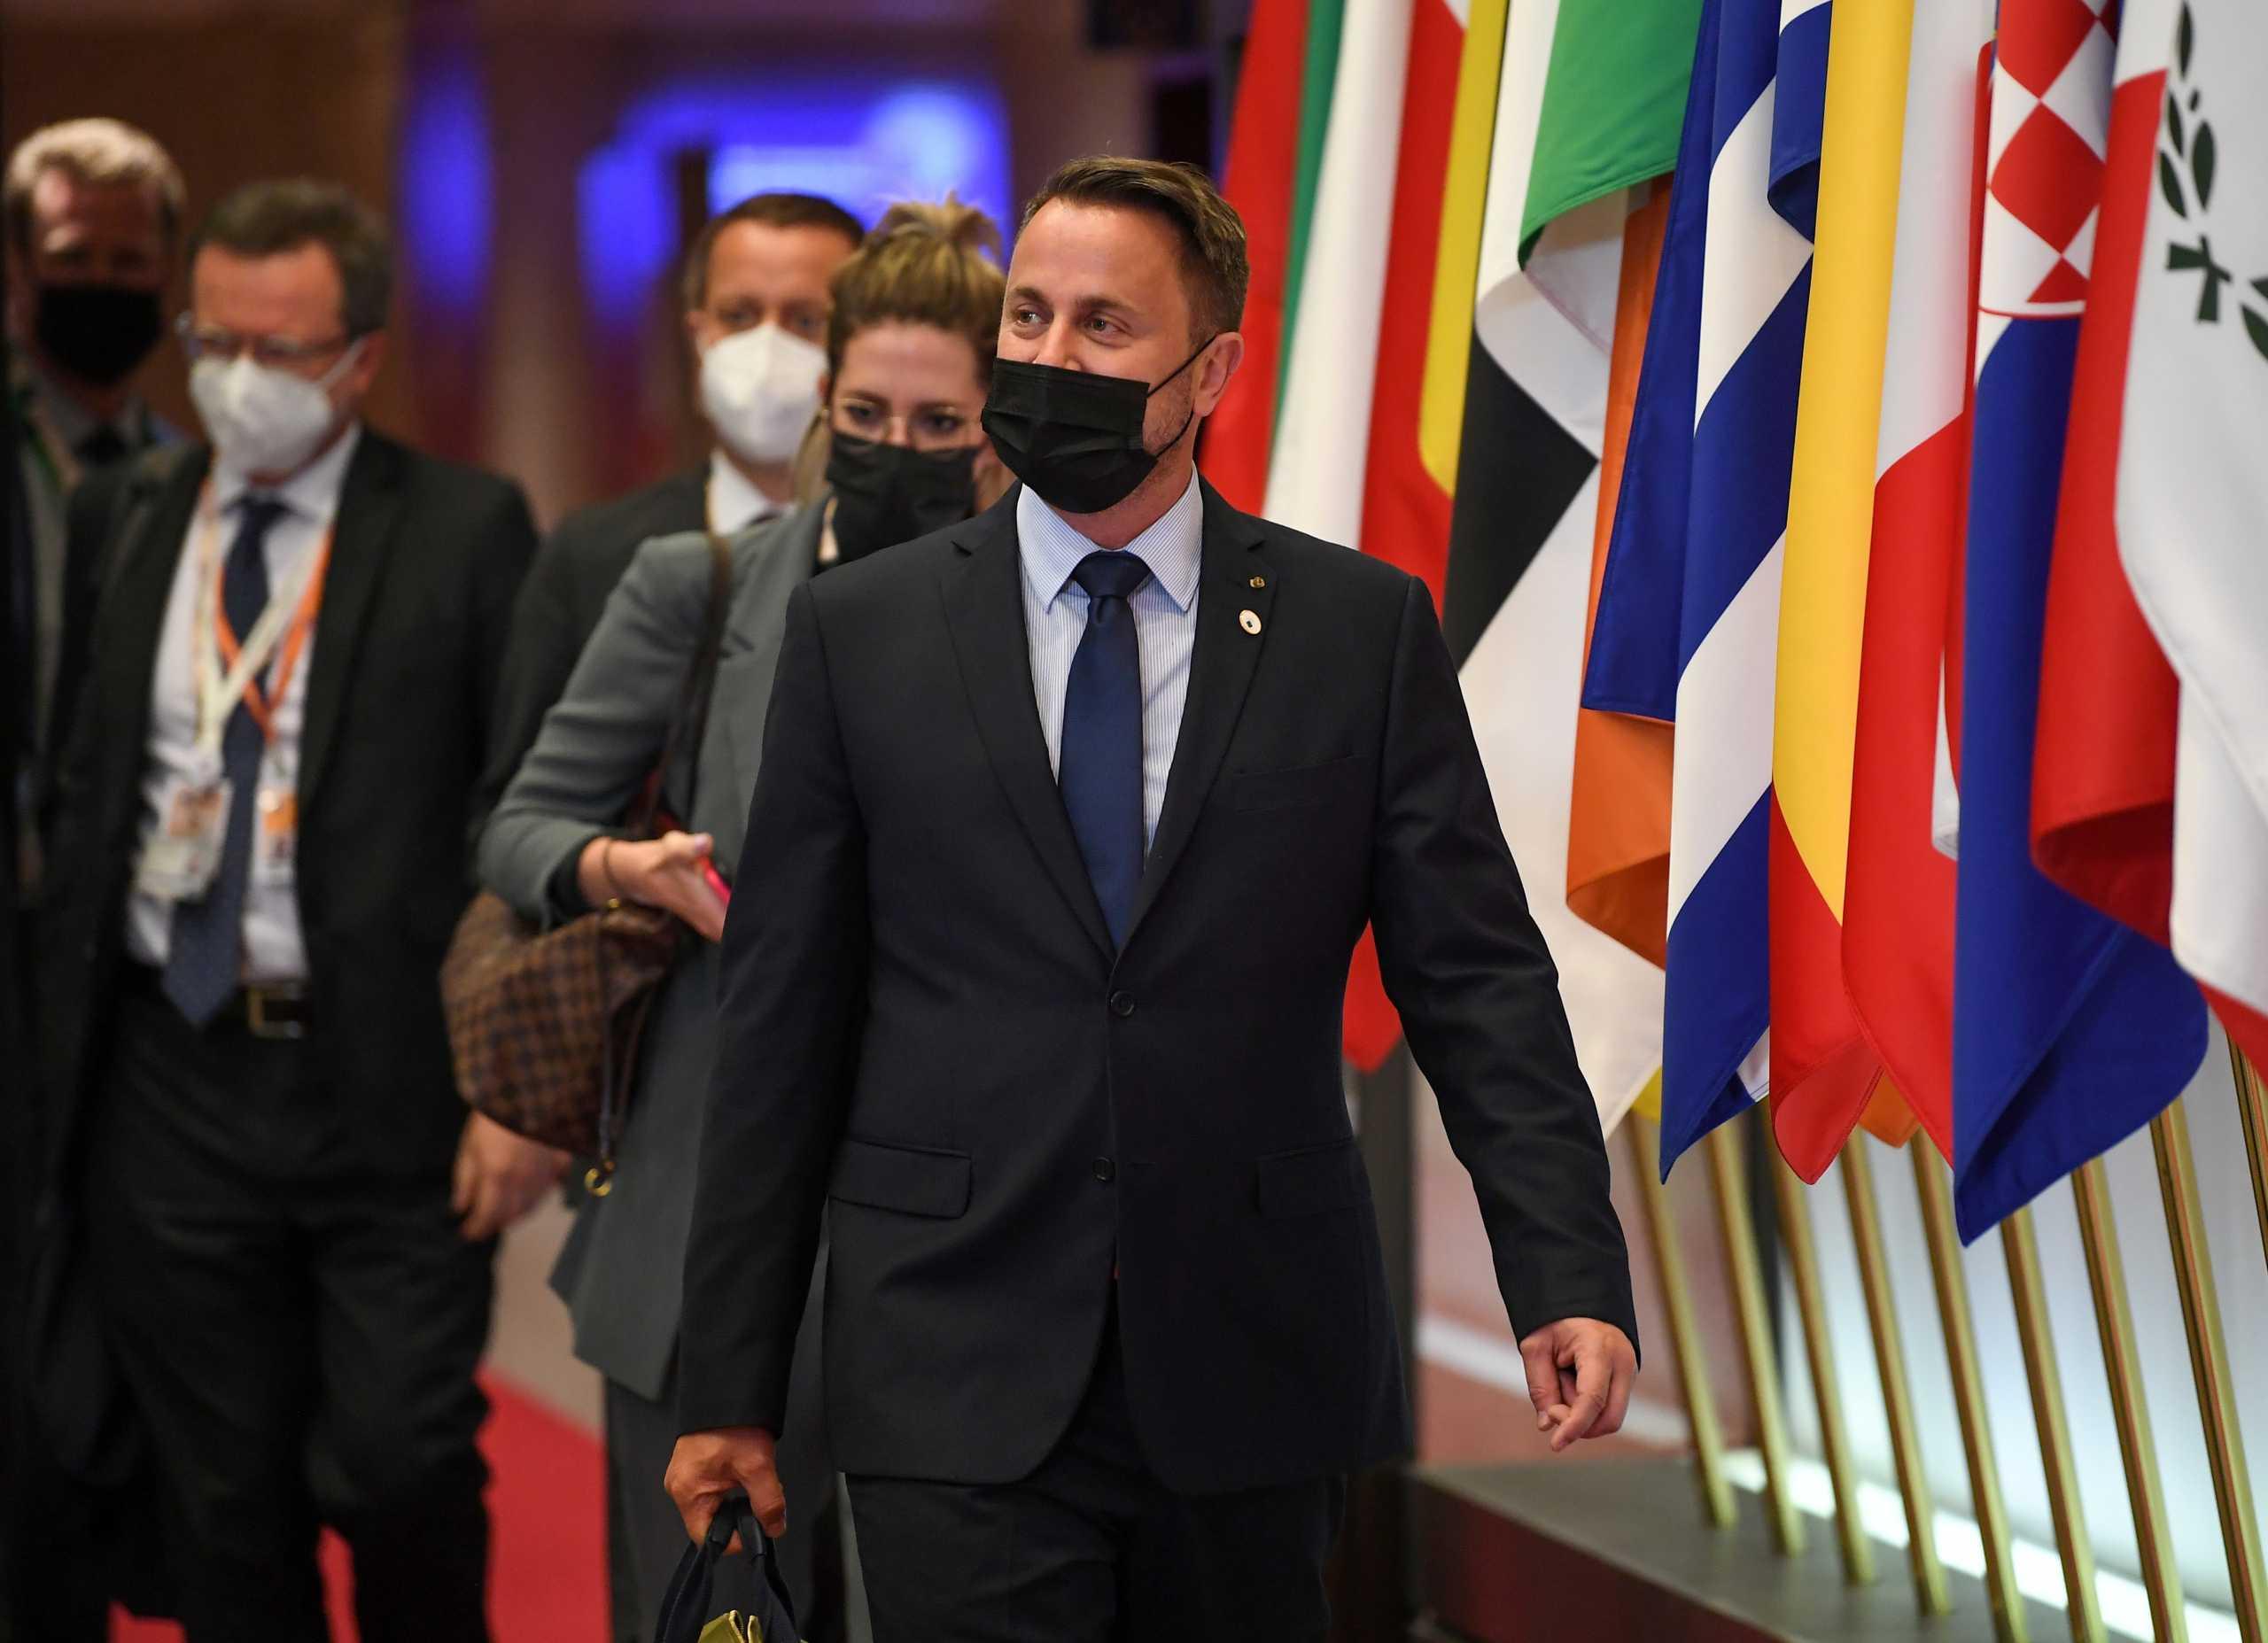 Λουξεμβούργο: Στο νοσοκομείο για εξετάσεις ο πρωθυπουργός Ξαβιέ Μπετέλ – Είχε διαγνωστεί θετικός στον κορονοϊό